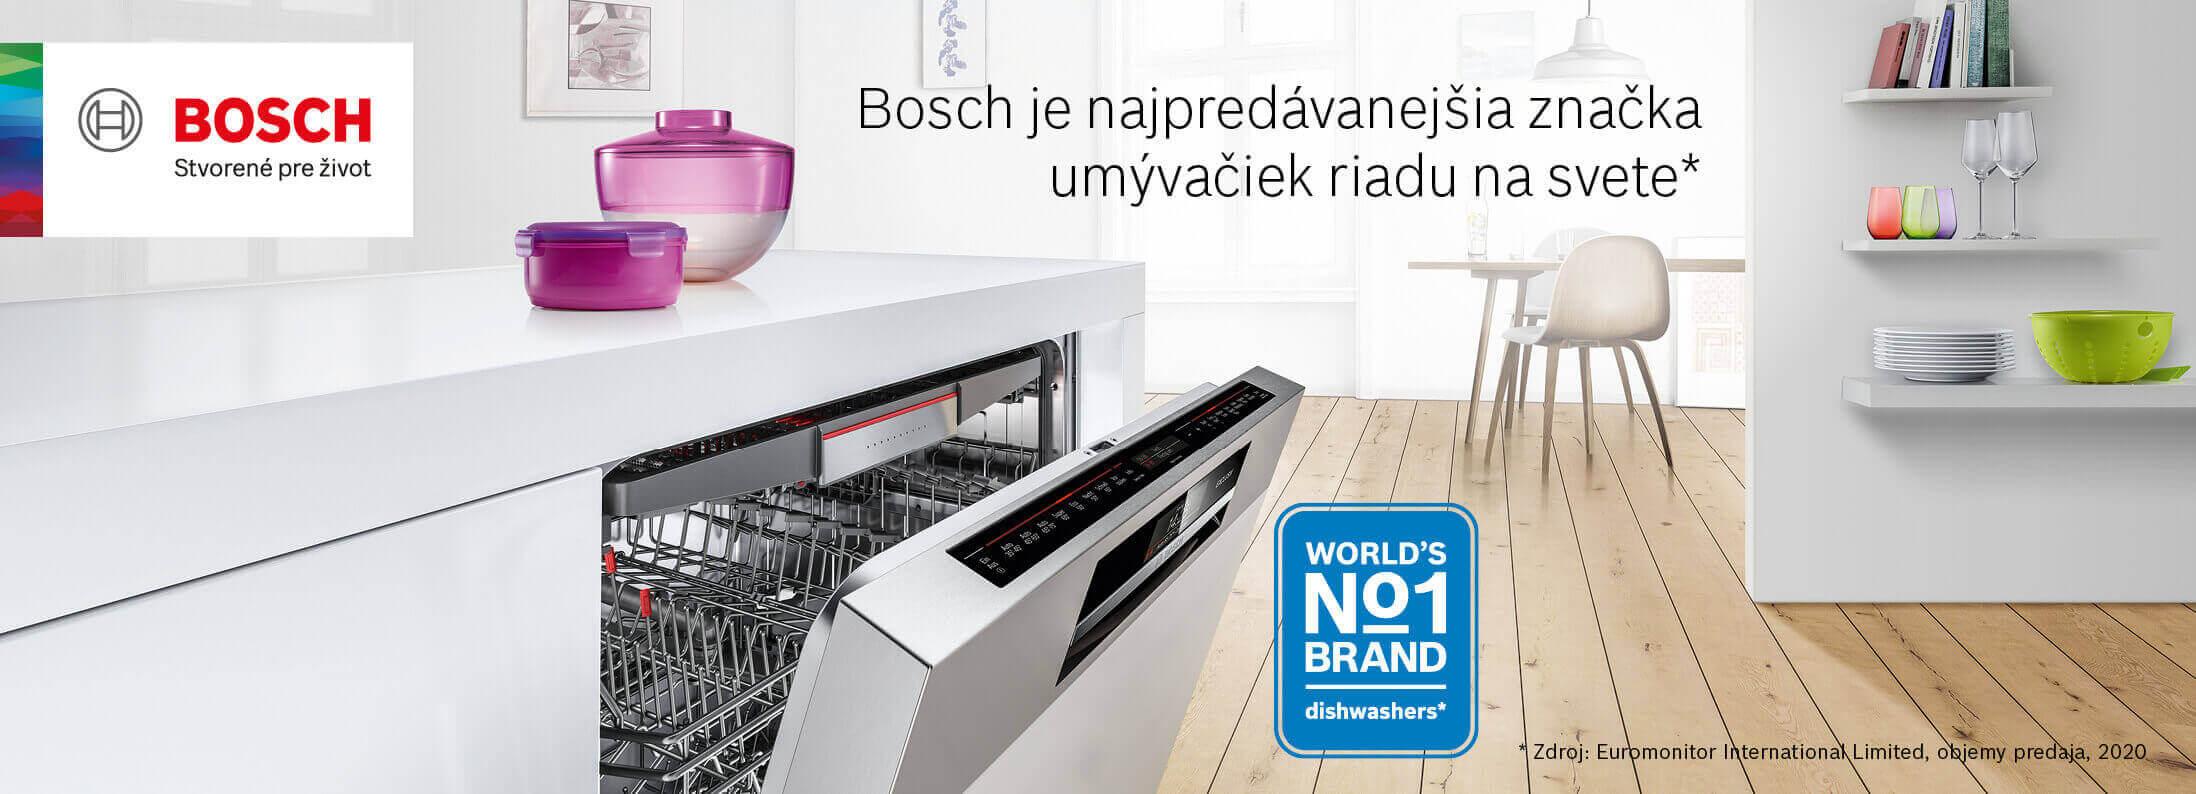 Bosch - Najpredávanejšia značka umývačiek riadu na svete